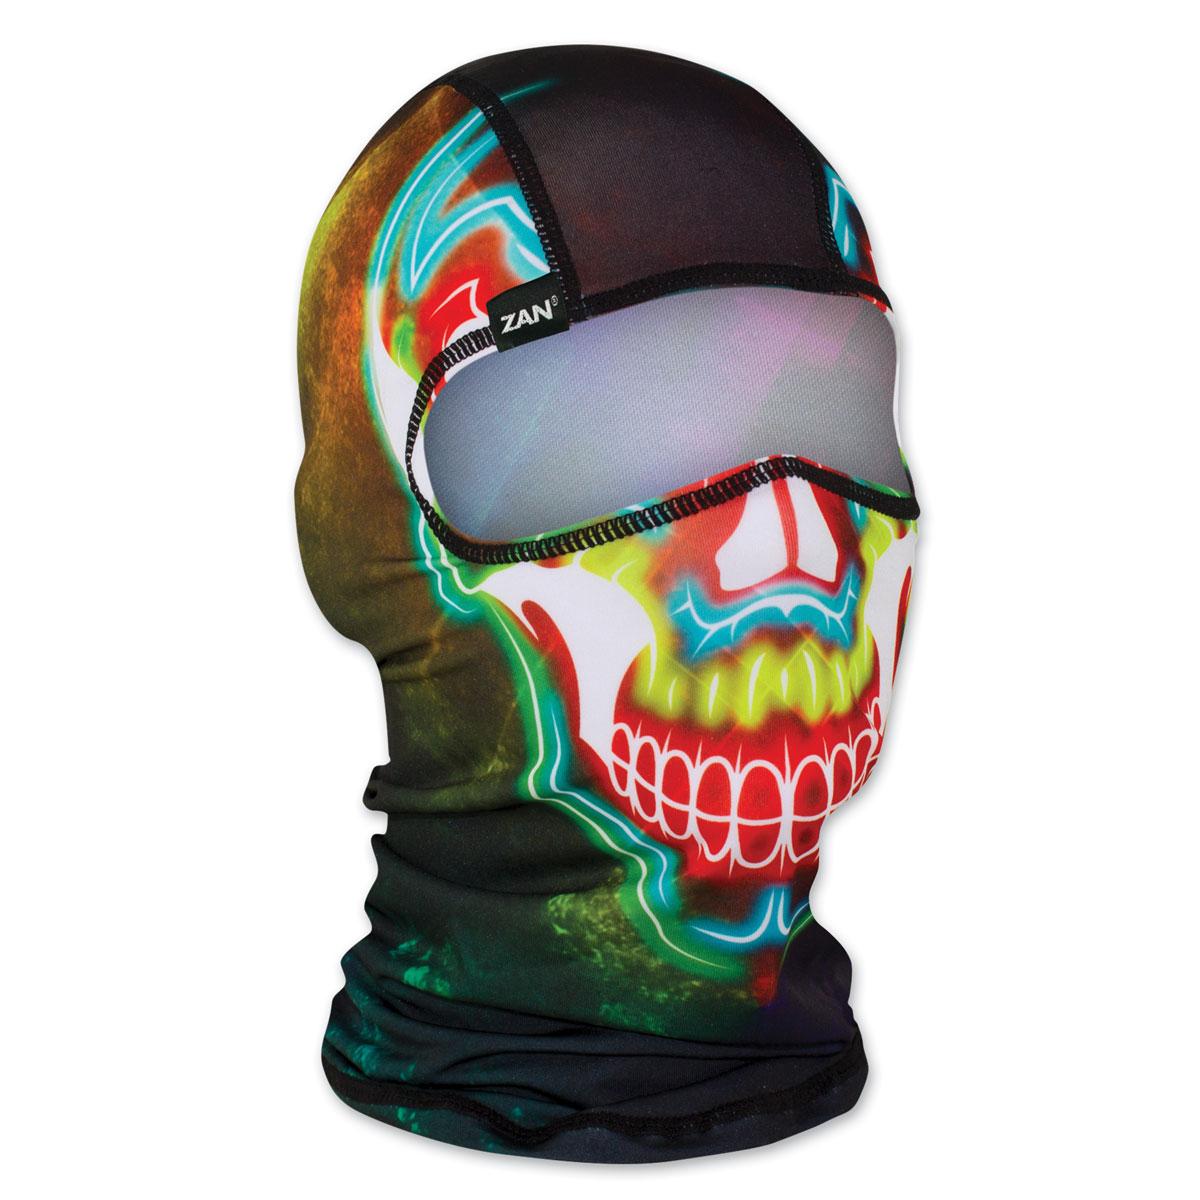 ZAN headgear Electric Skull Balaclava